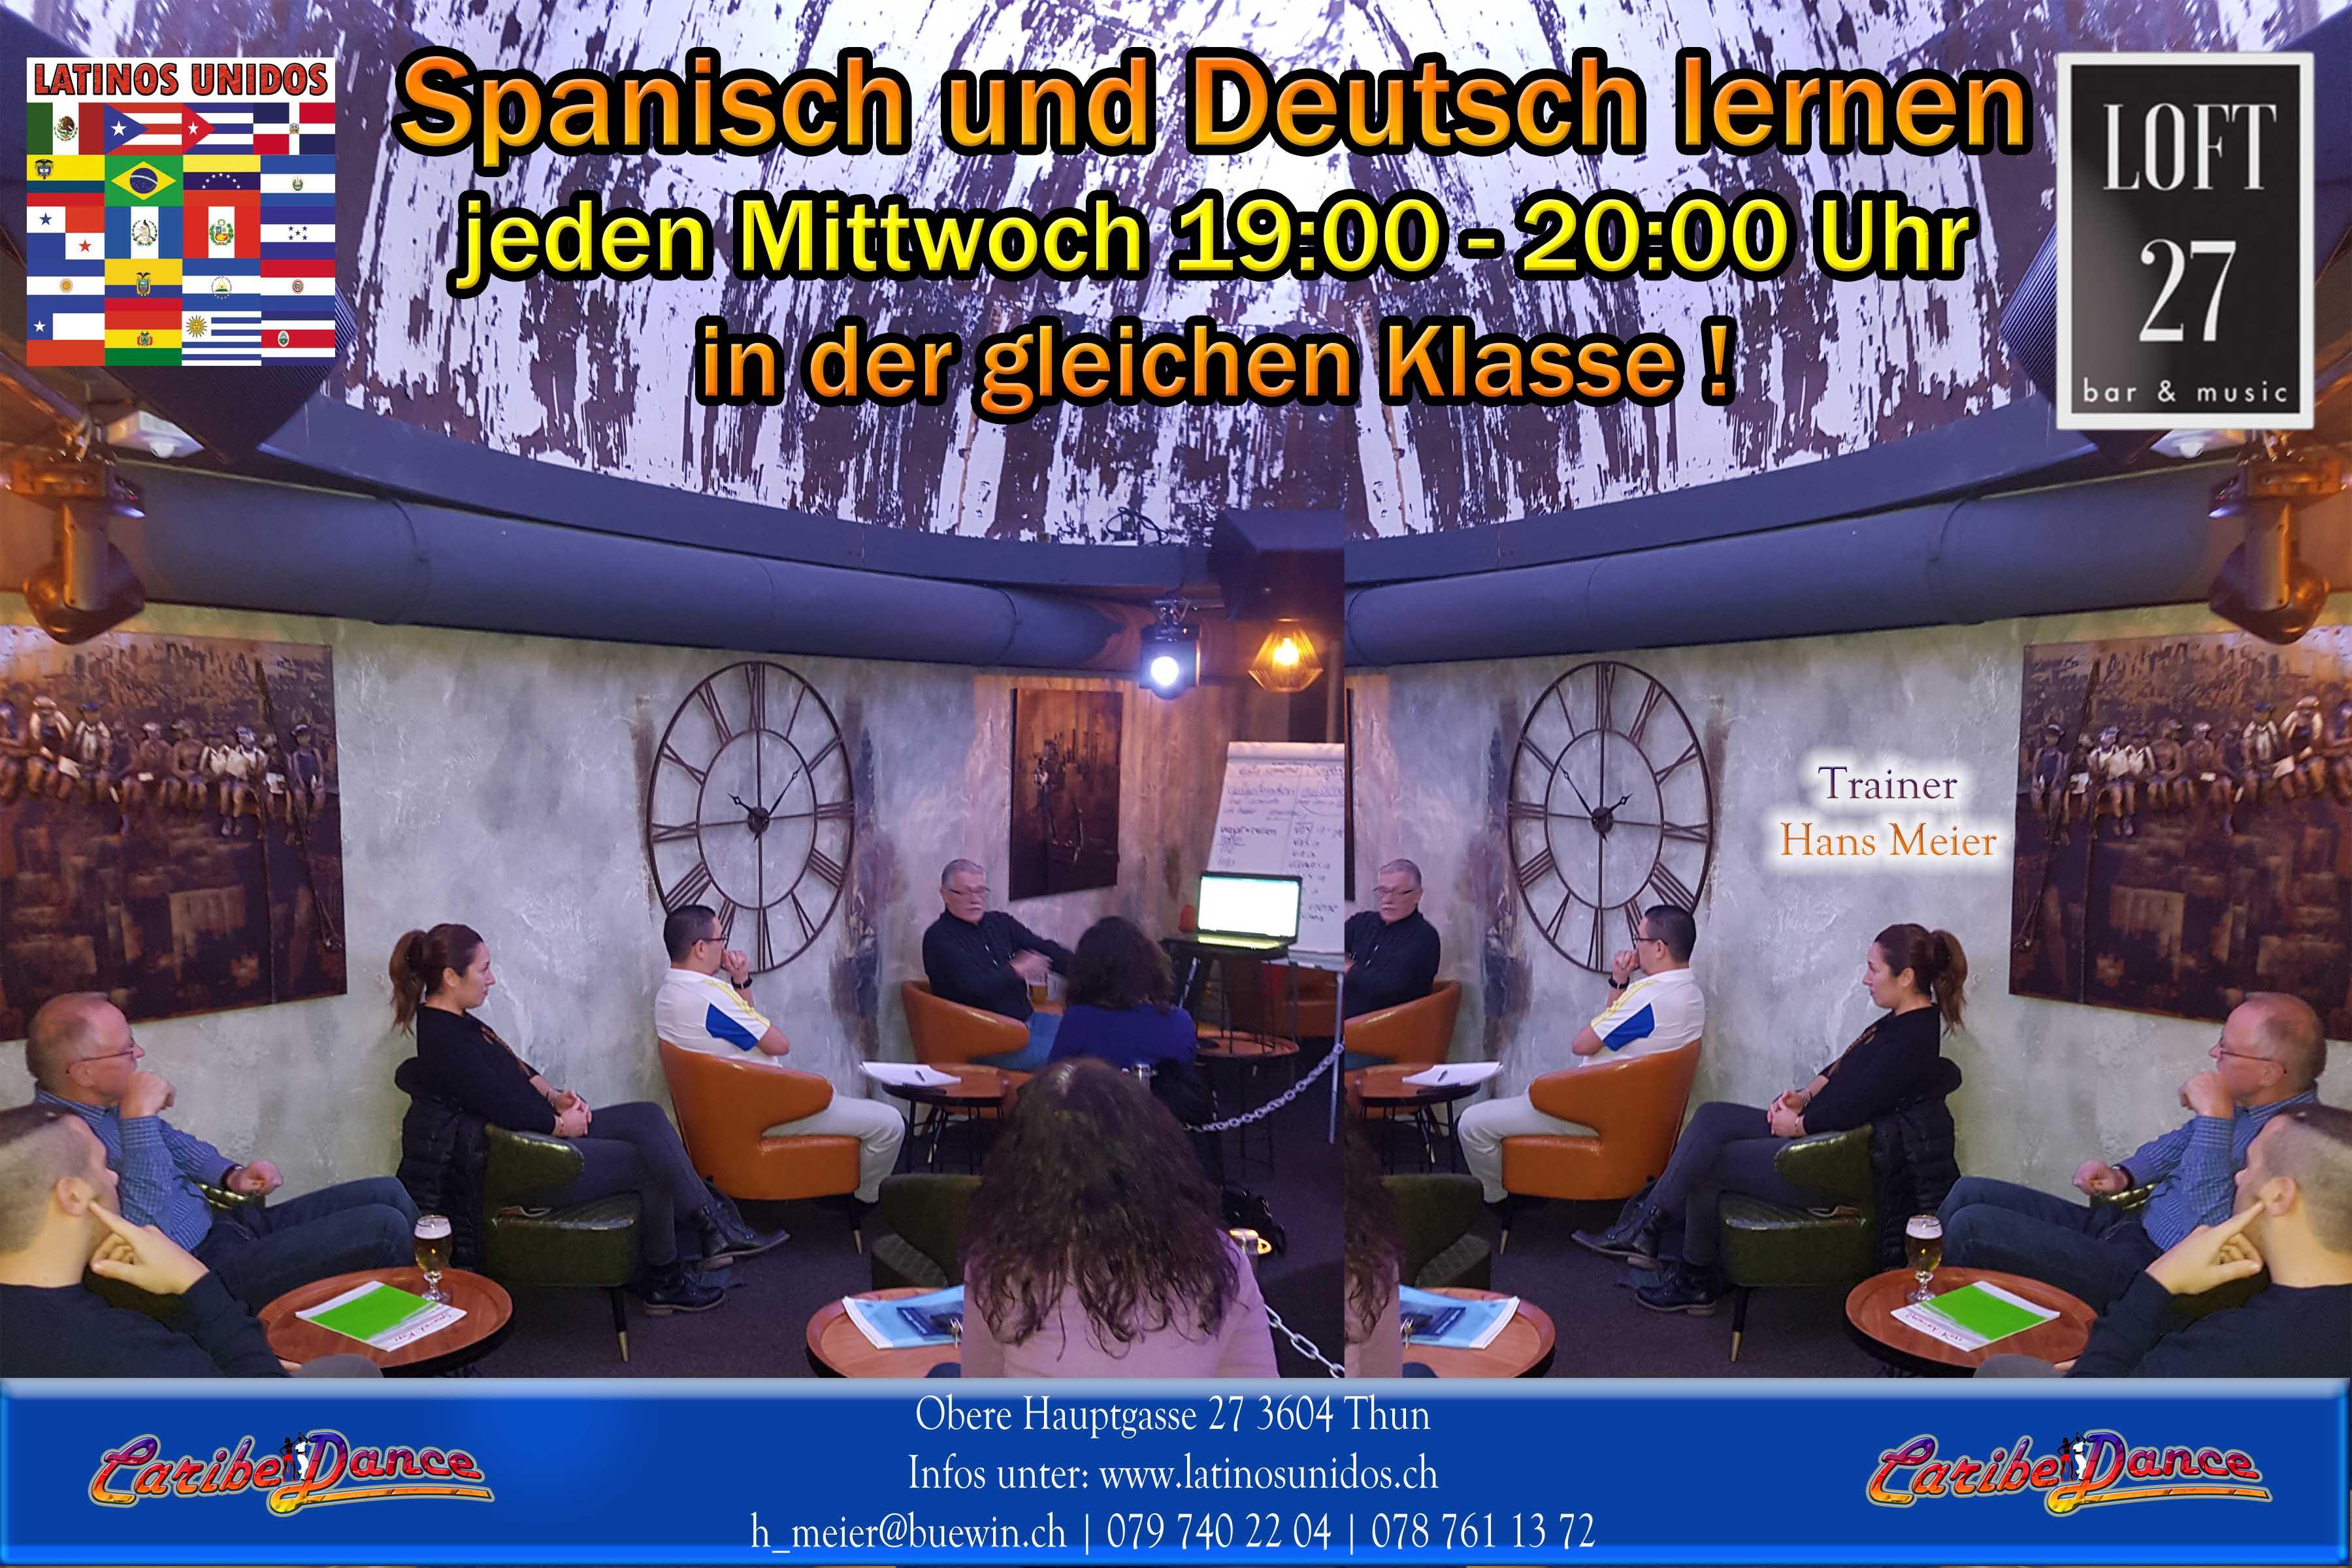 Deutsch und Spanischunterricht im Loft 27 Bar